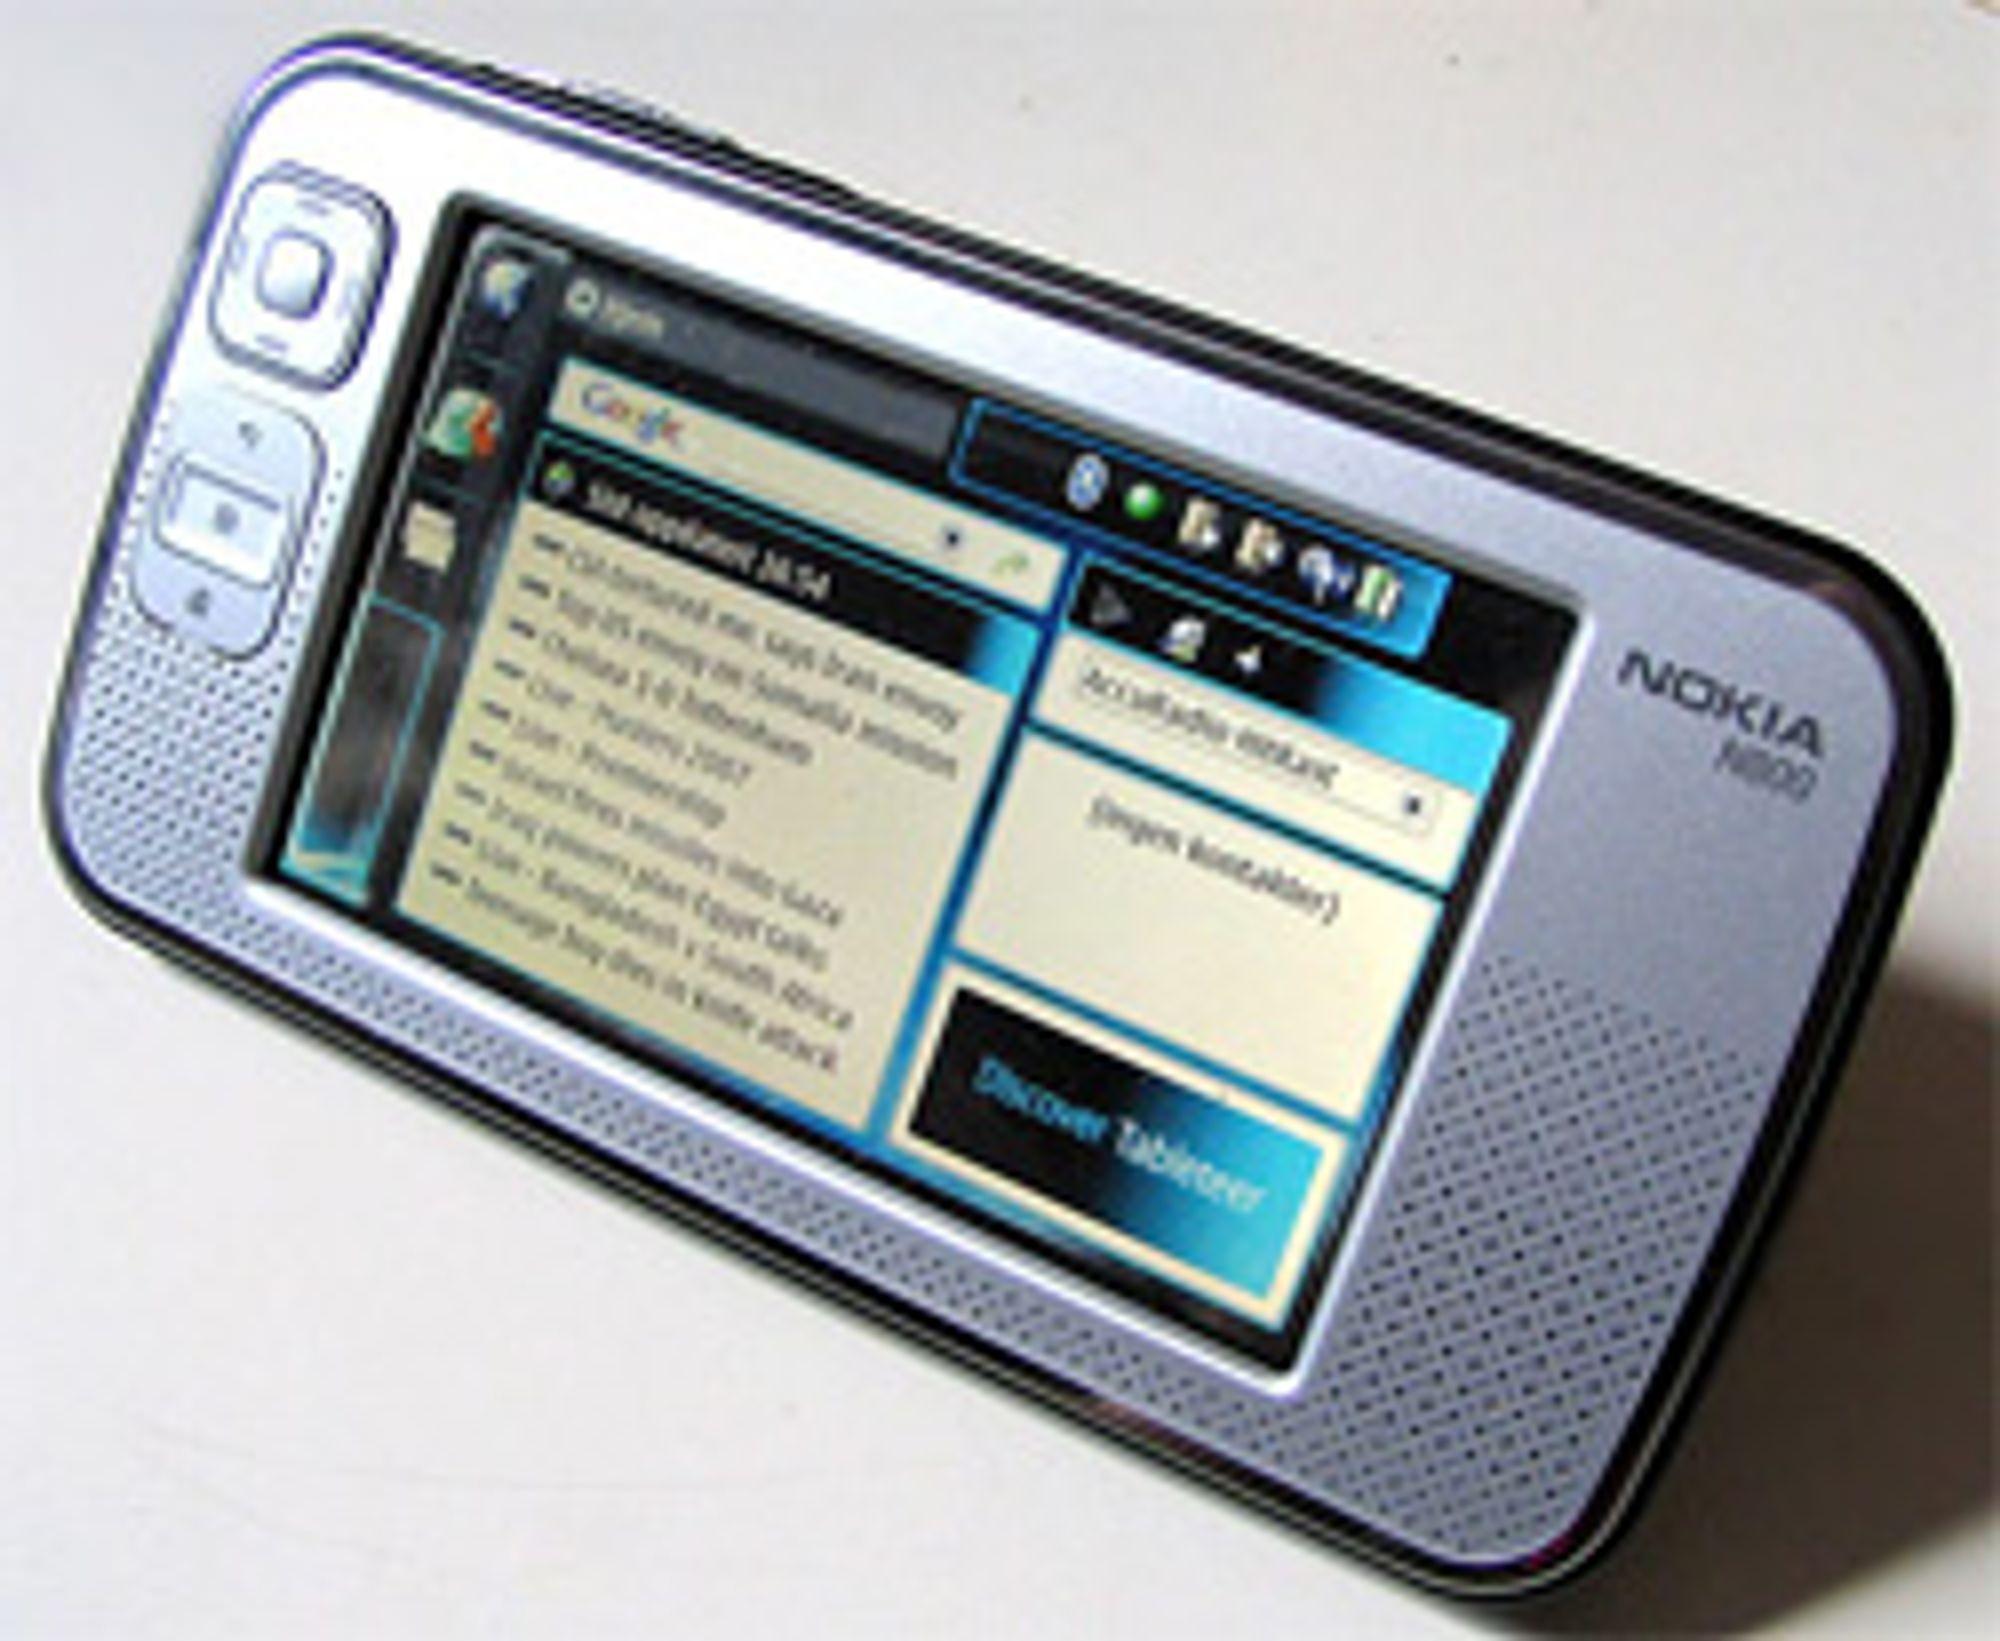 Det går unna i svingene når Nokia N800 får Wimax. (Foto: Marius Valle=